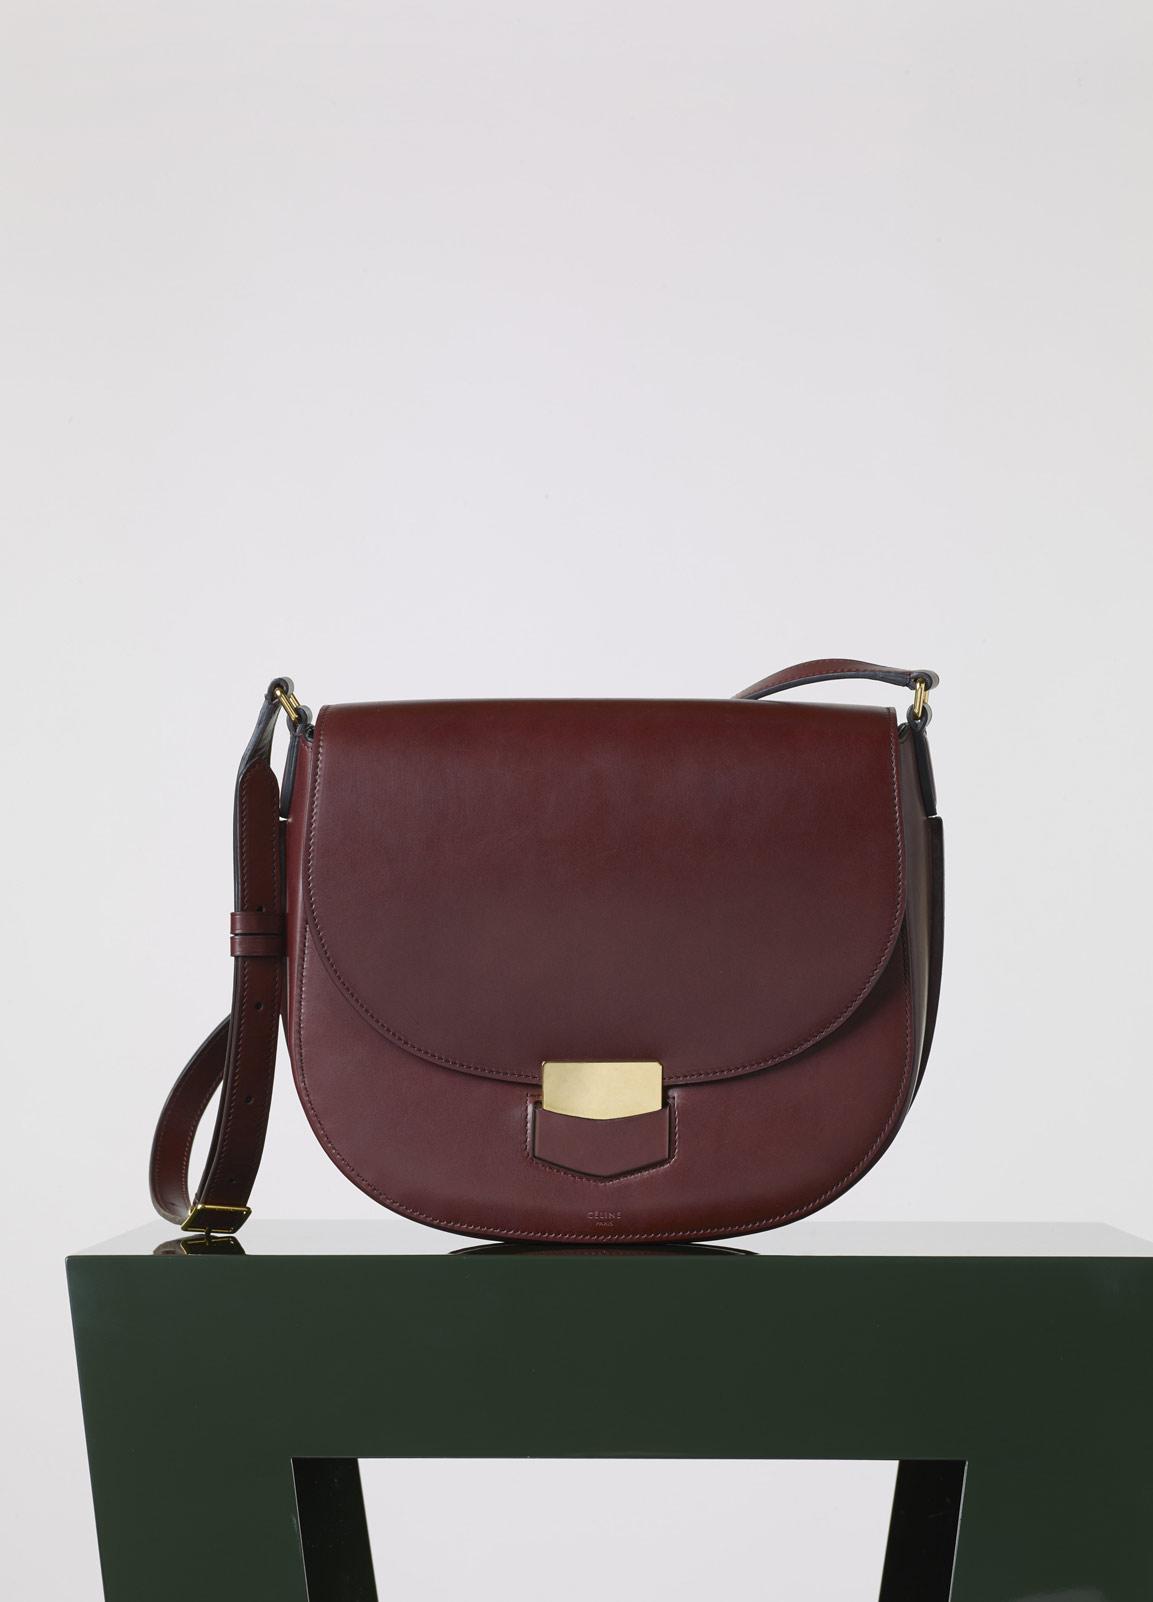 royal blue suede handbag - celine medium pinched bag, celine soft tote bag